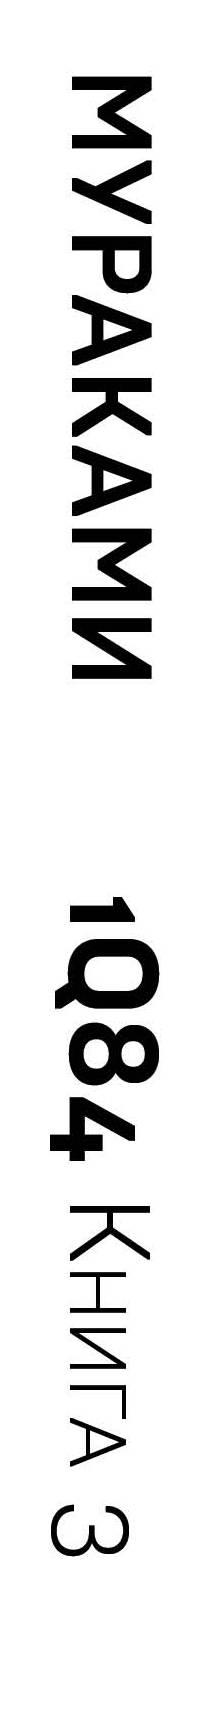 1Q84. Тысяча Невестьсот Восемьдесят Четыре. Кн. 3. Октябрь-декабрь. Мураками Харуки